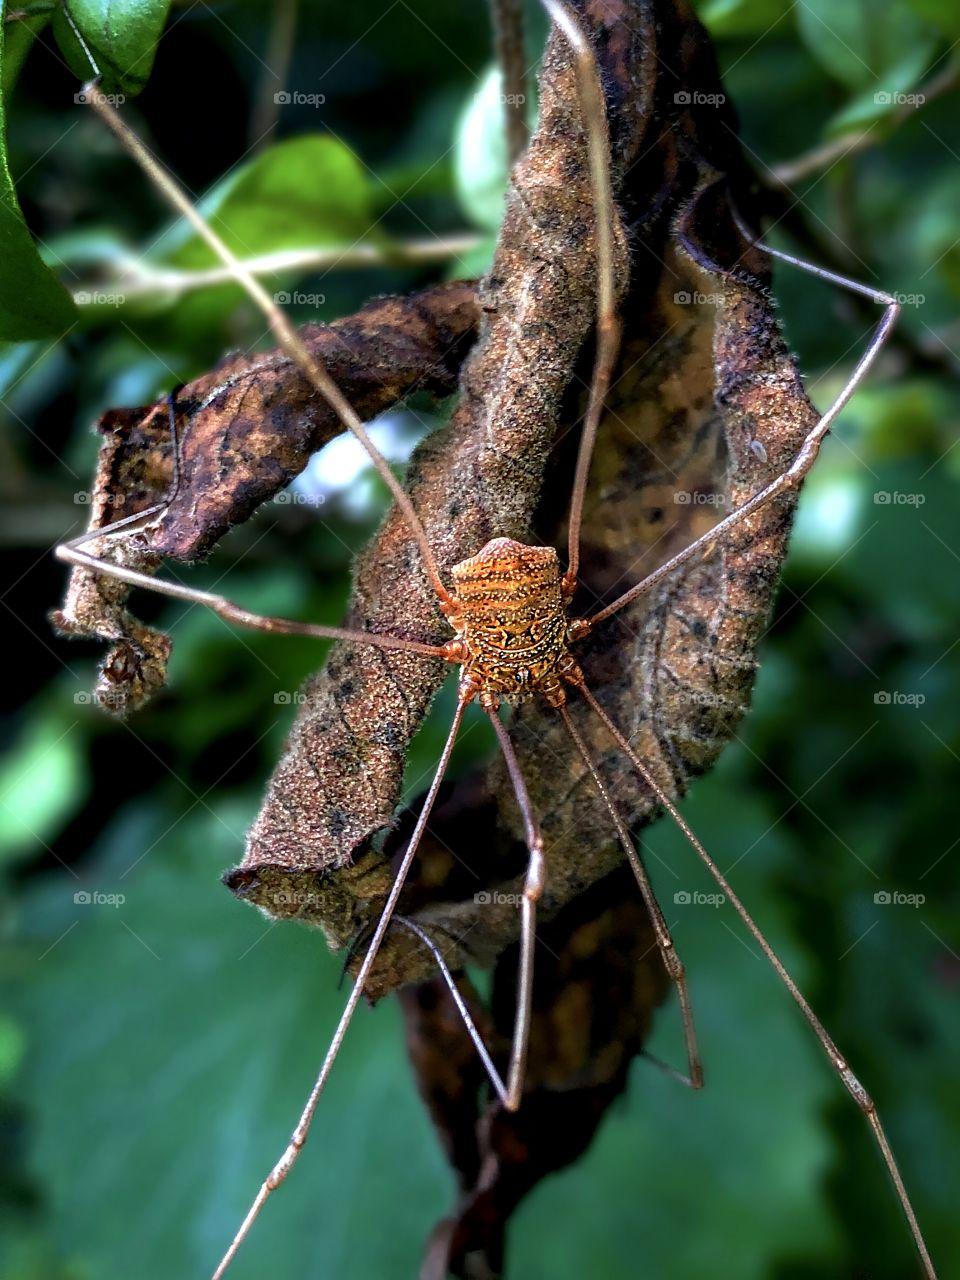 ArachniPose